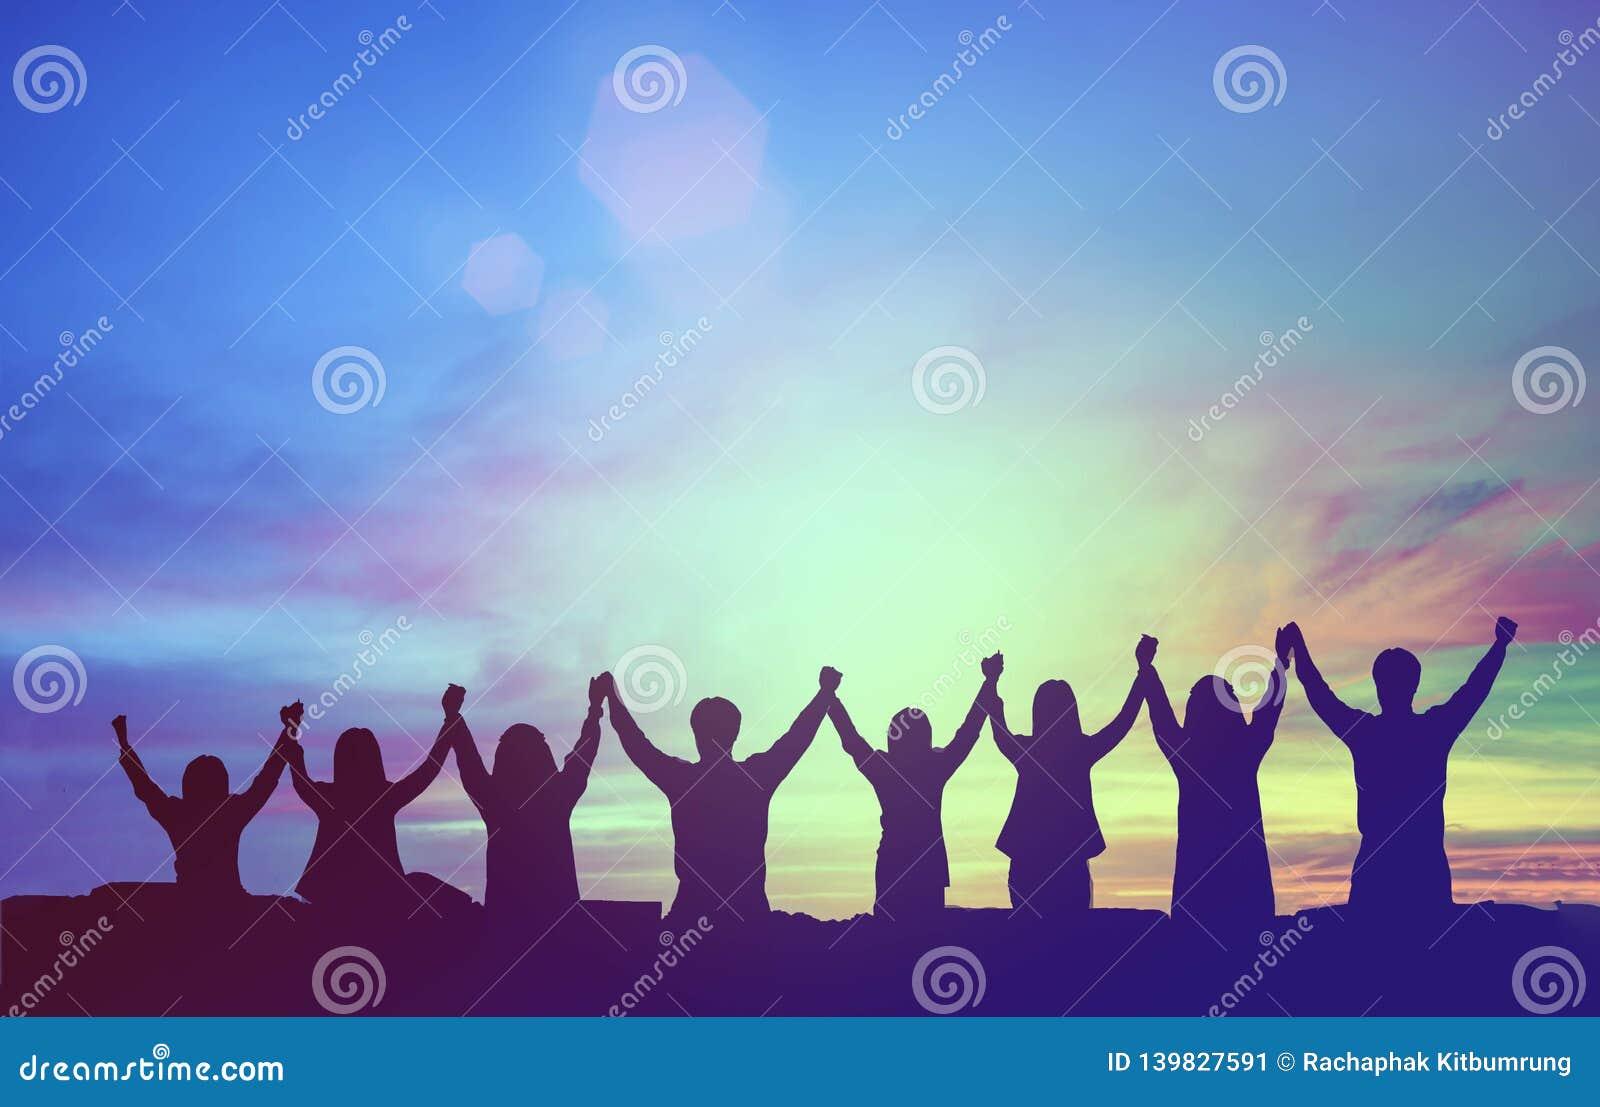 Kontur av lyckliga teamworkhållhänder upp som en lyckad affär, seger Prestation för affärsmål, slåget företagsmål